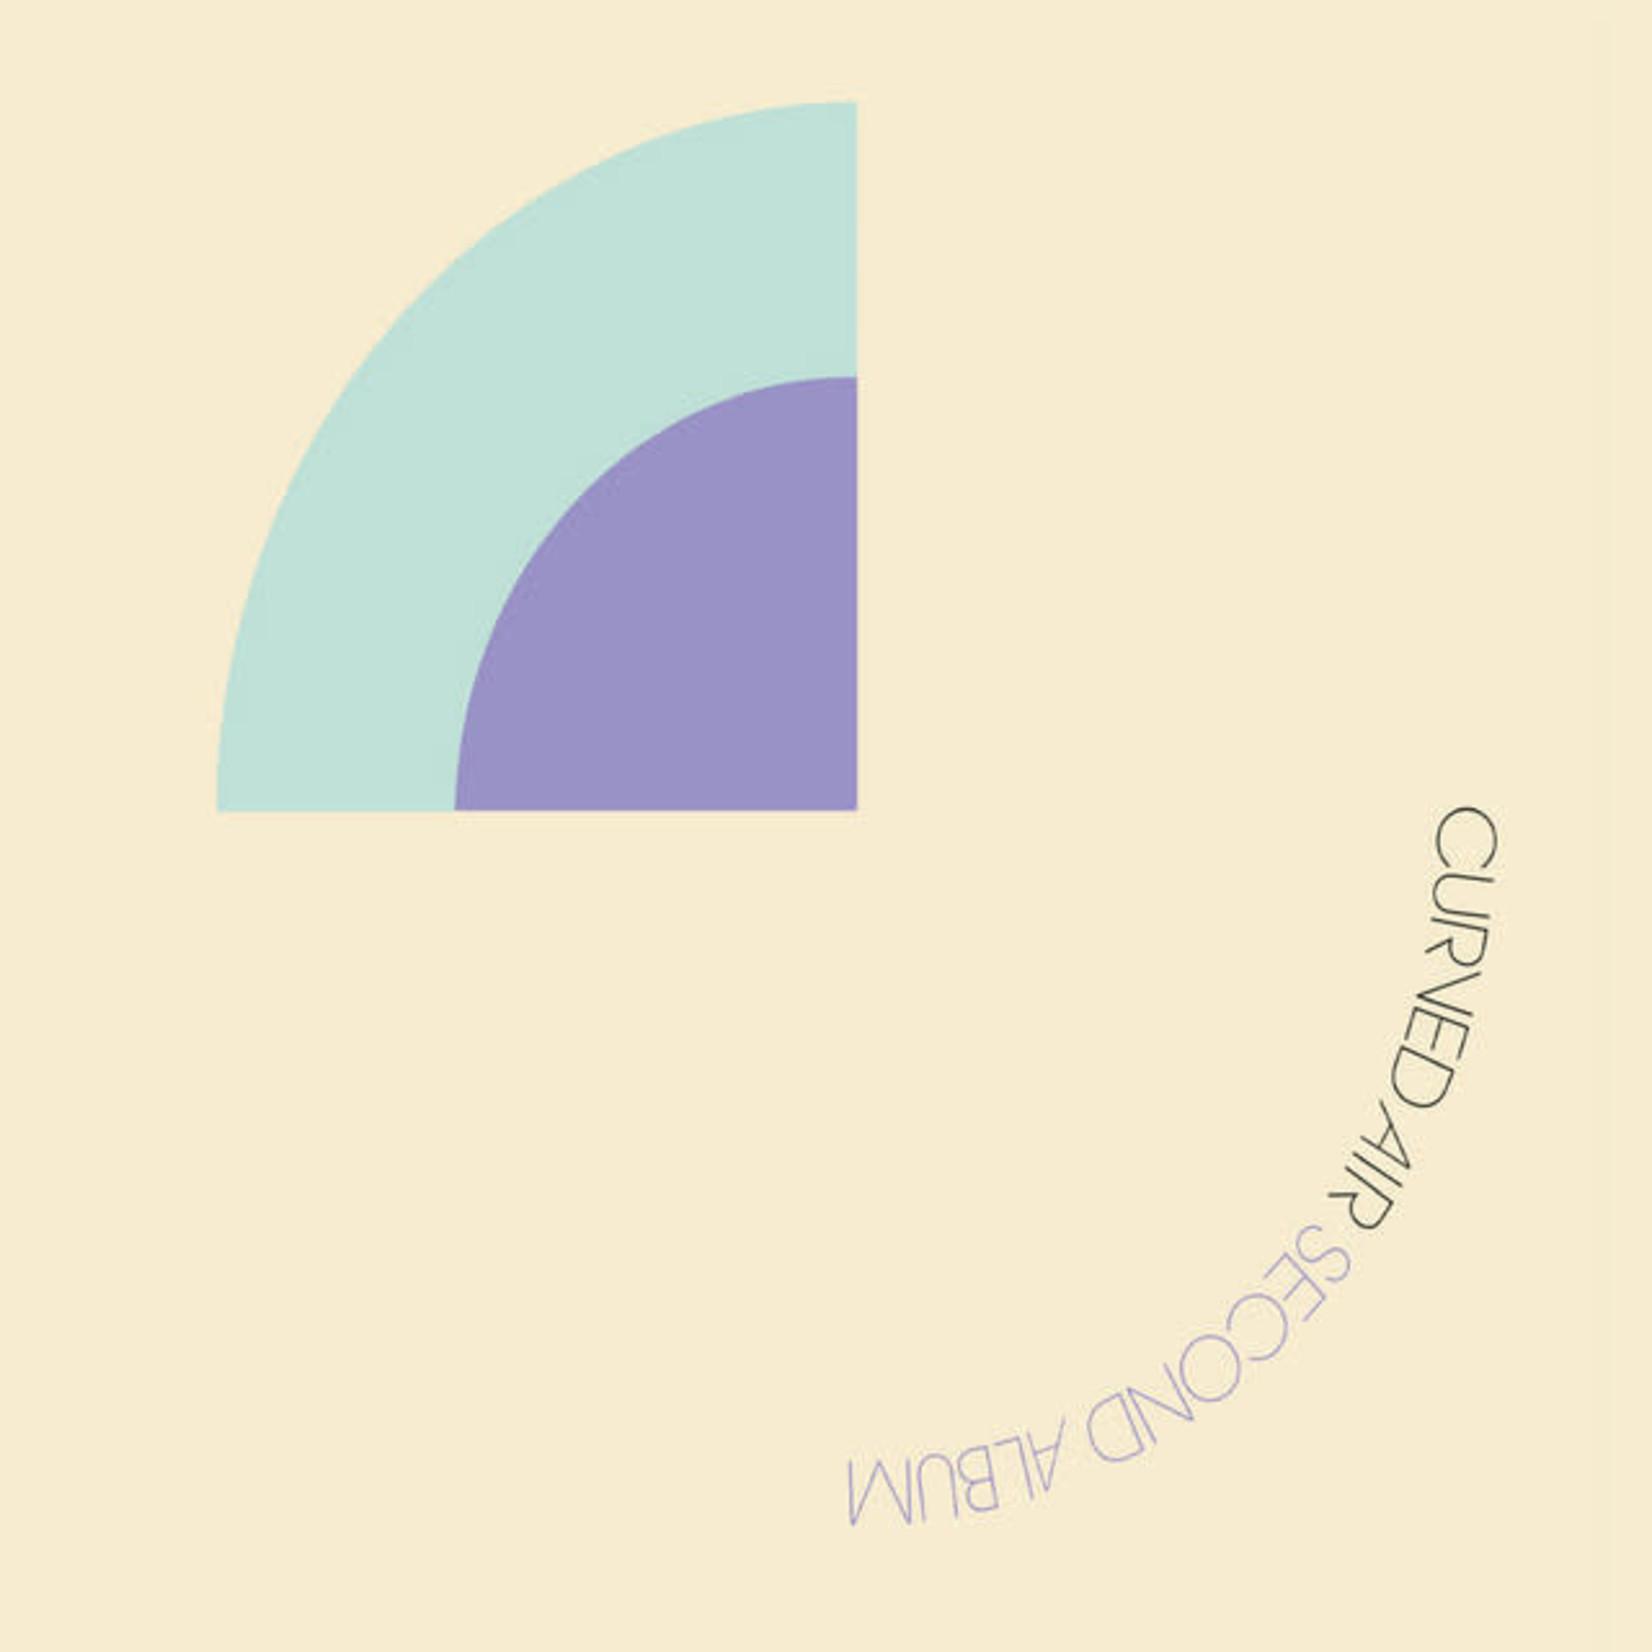 Vinyl Curved Air - Second Album